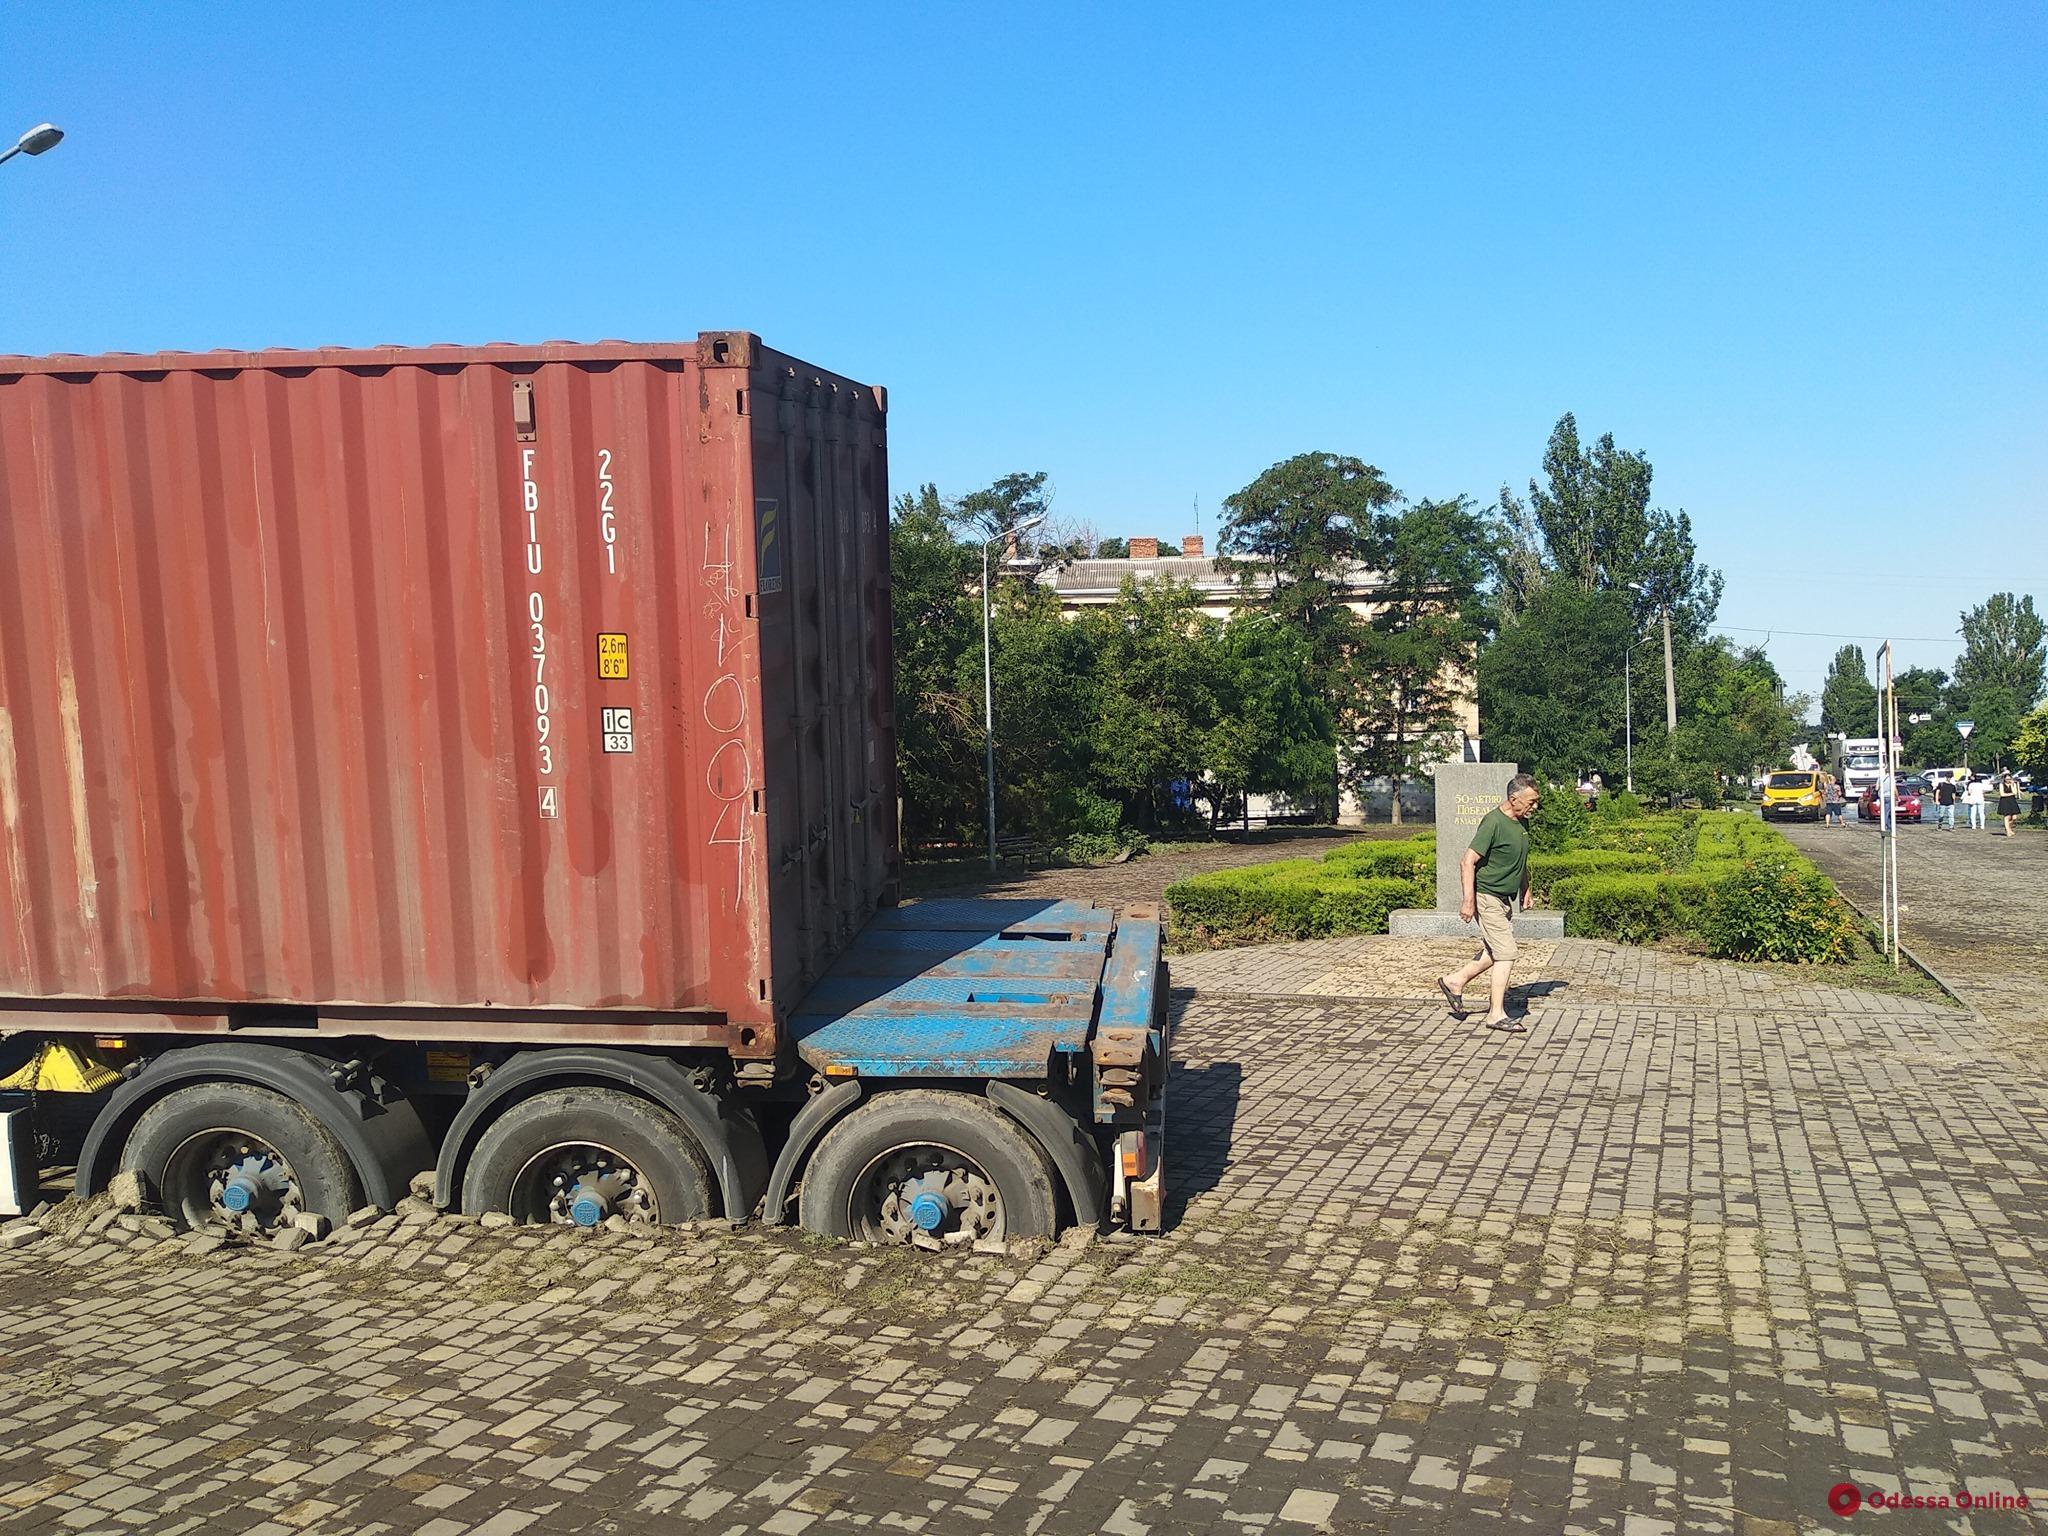 В сквере на Пересыпи грузовик разрыл колесами плитку и «закопался»  (фото)